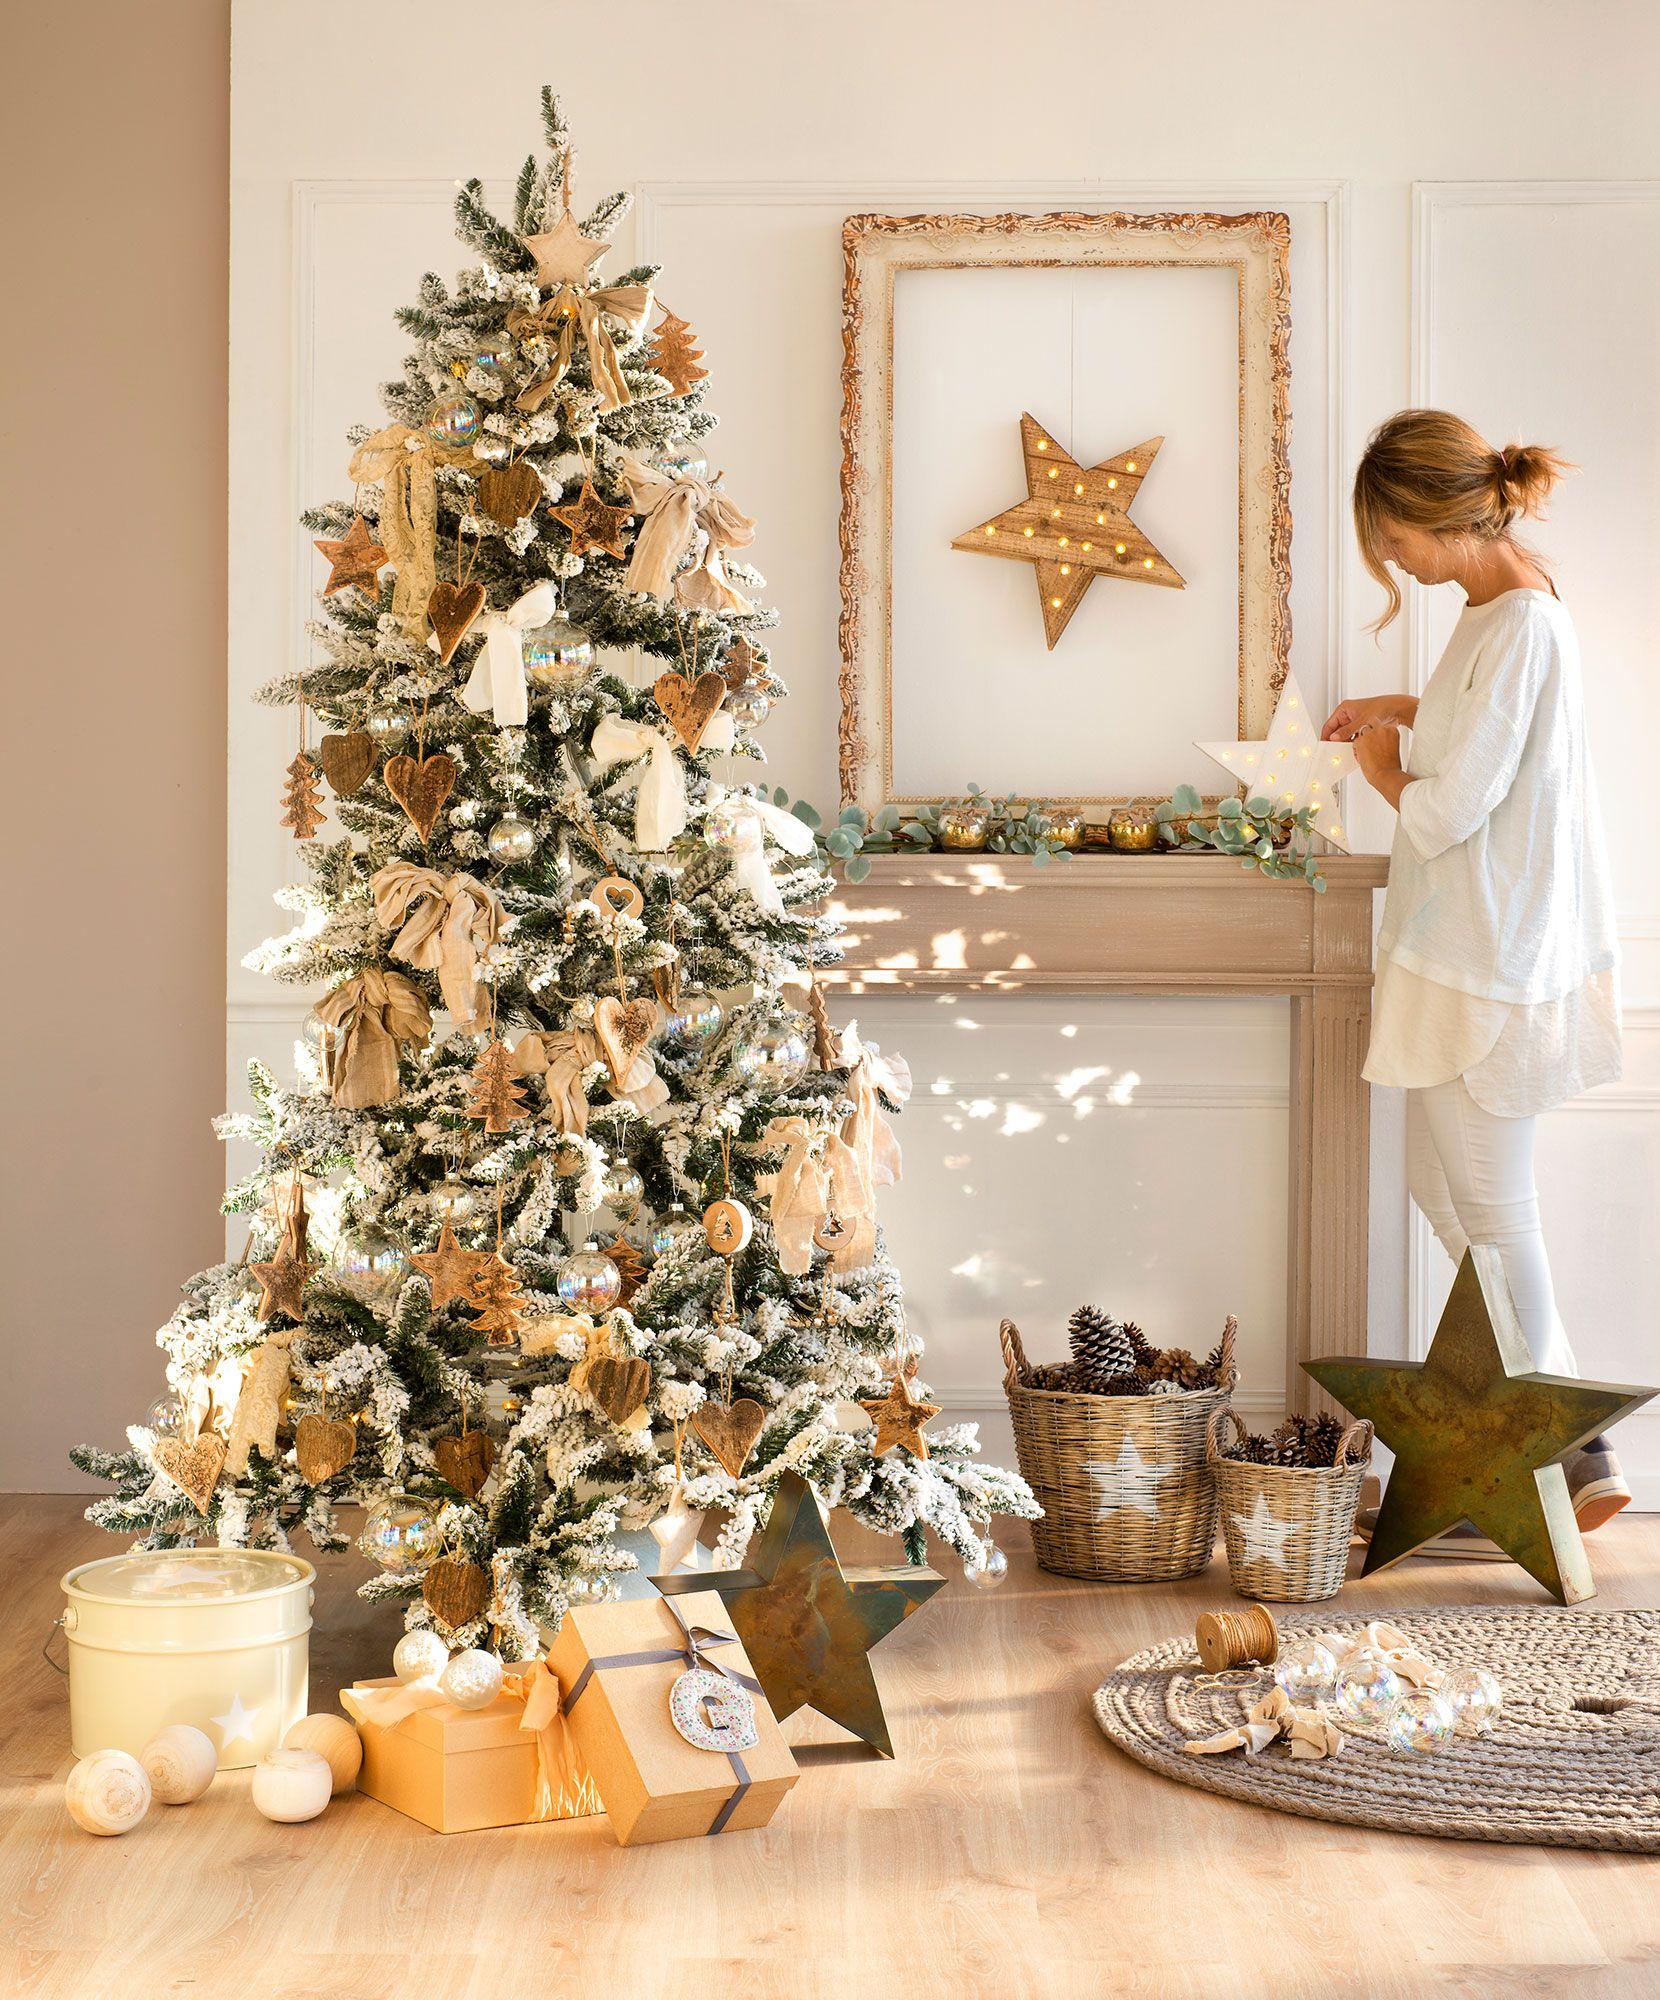 Contemporary christmas decorations ideas para decorar - Ideas para decorar en navidad ...